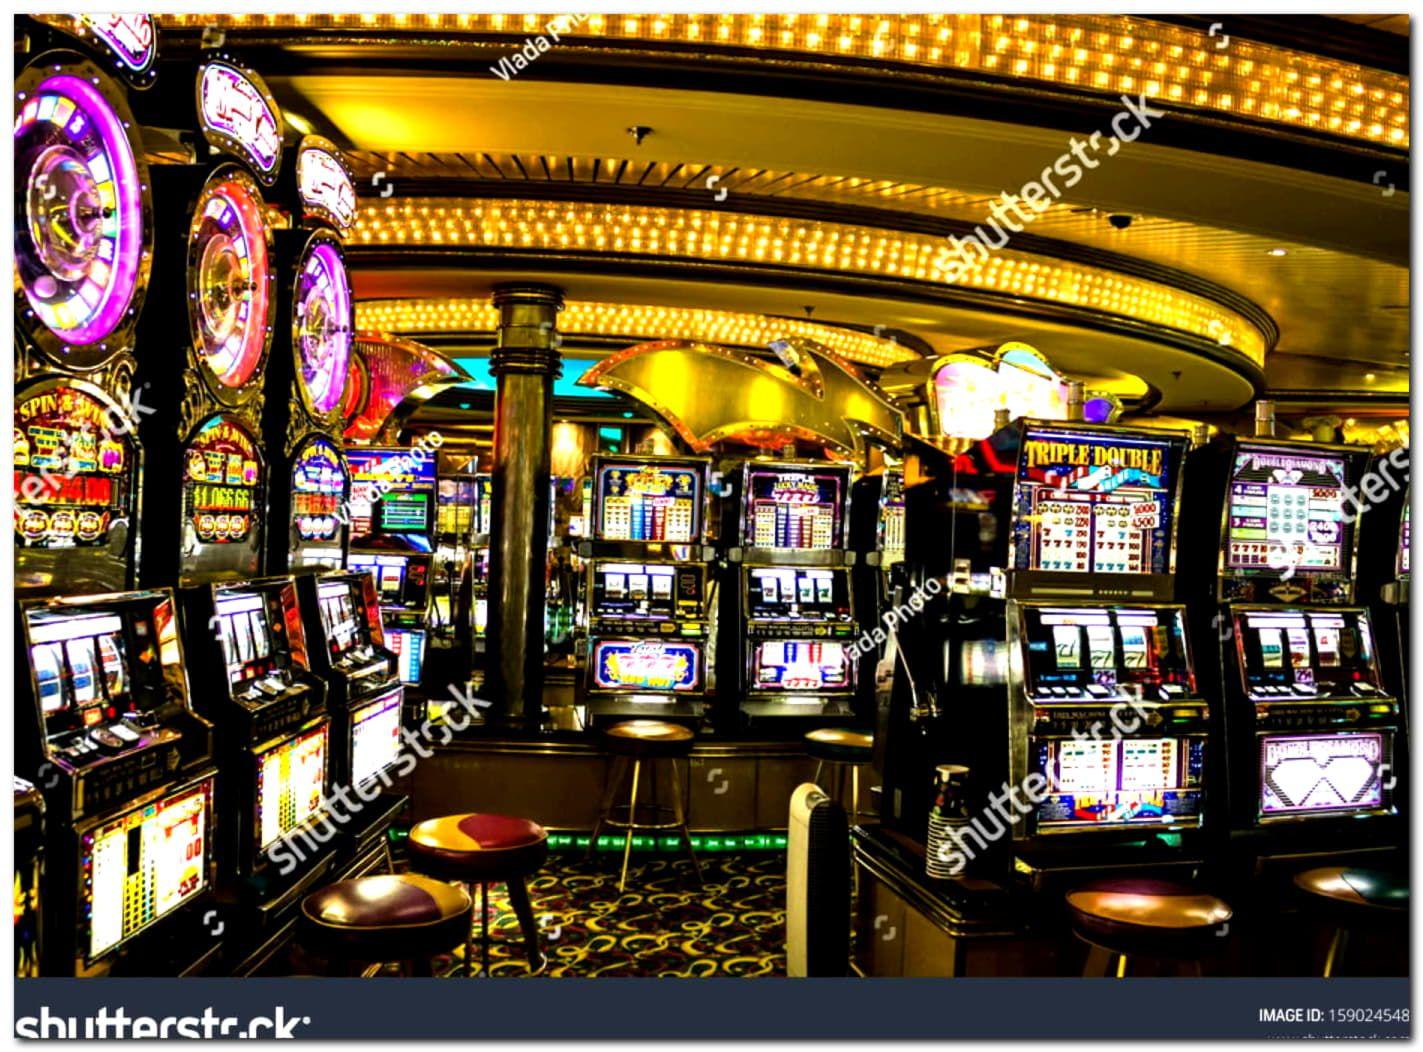 250 Free Spins No Deposit At 888 Casino In 2020 Casino Casino Bonus